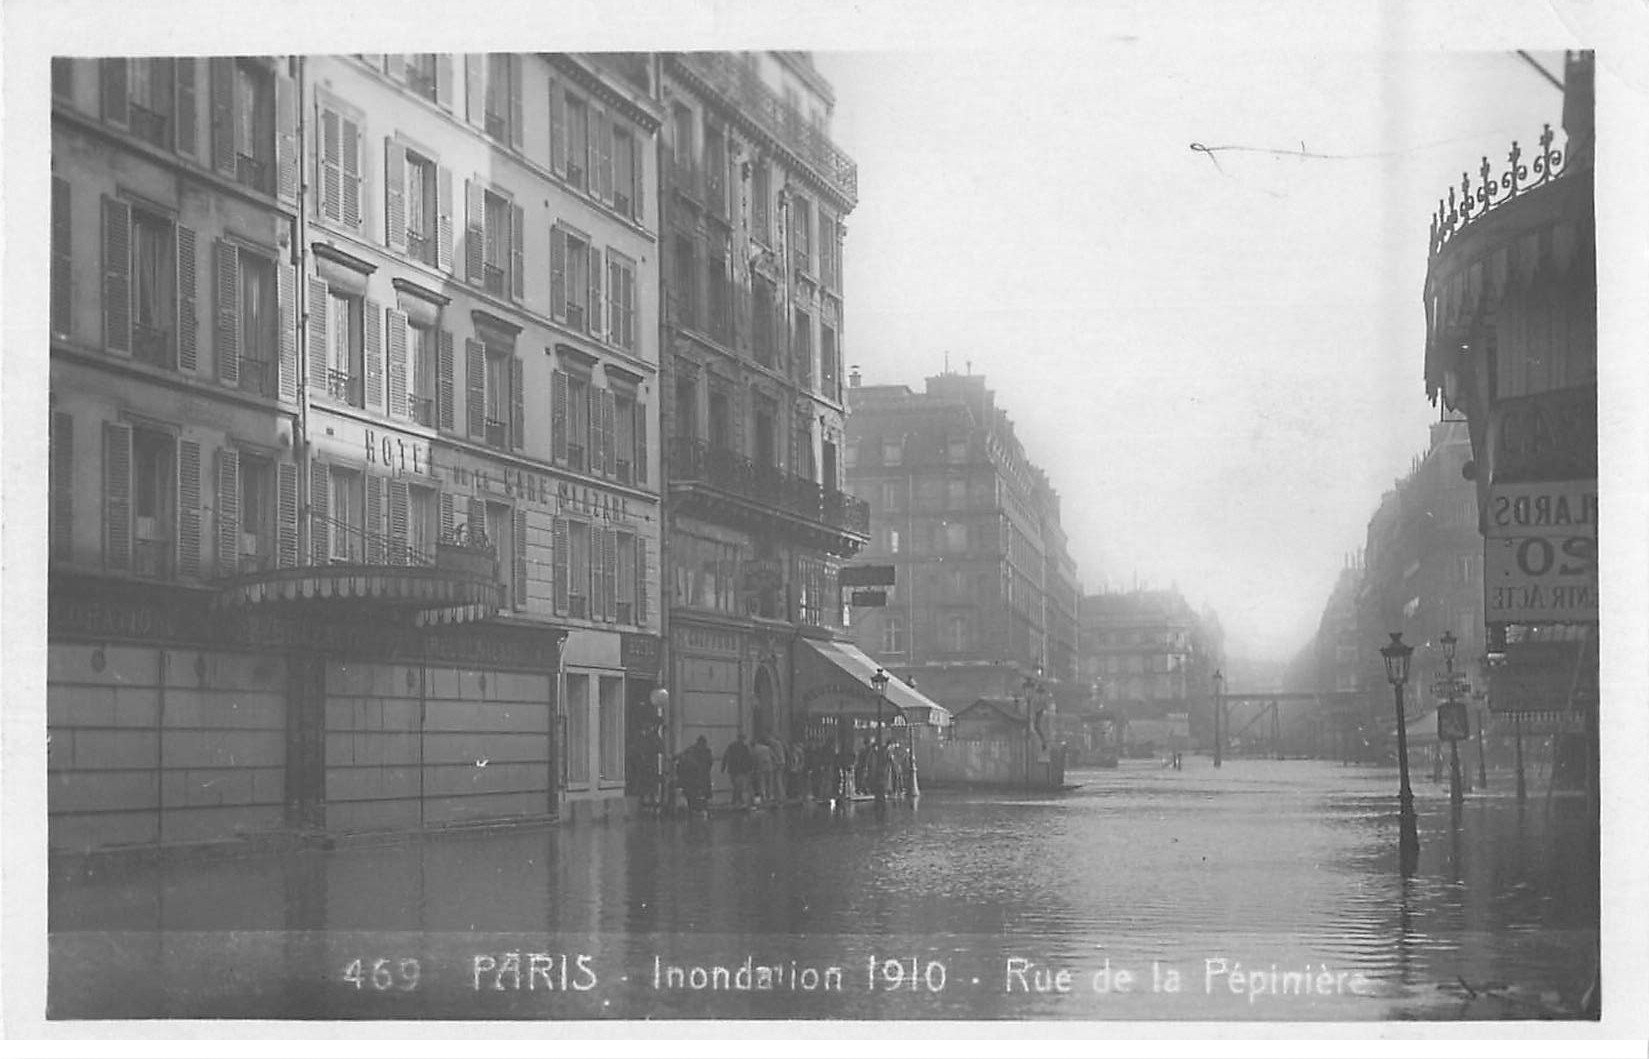 carte postale ancienne Inondation et Crue de PARIS 1910. Hôtel Gare St-Lazare Rue Pépinière. Carte Photo Ed. Rose